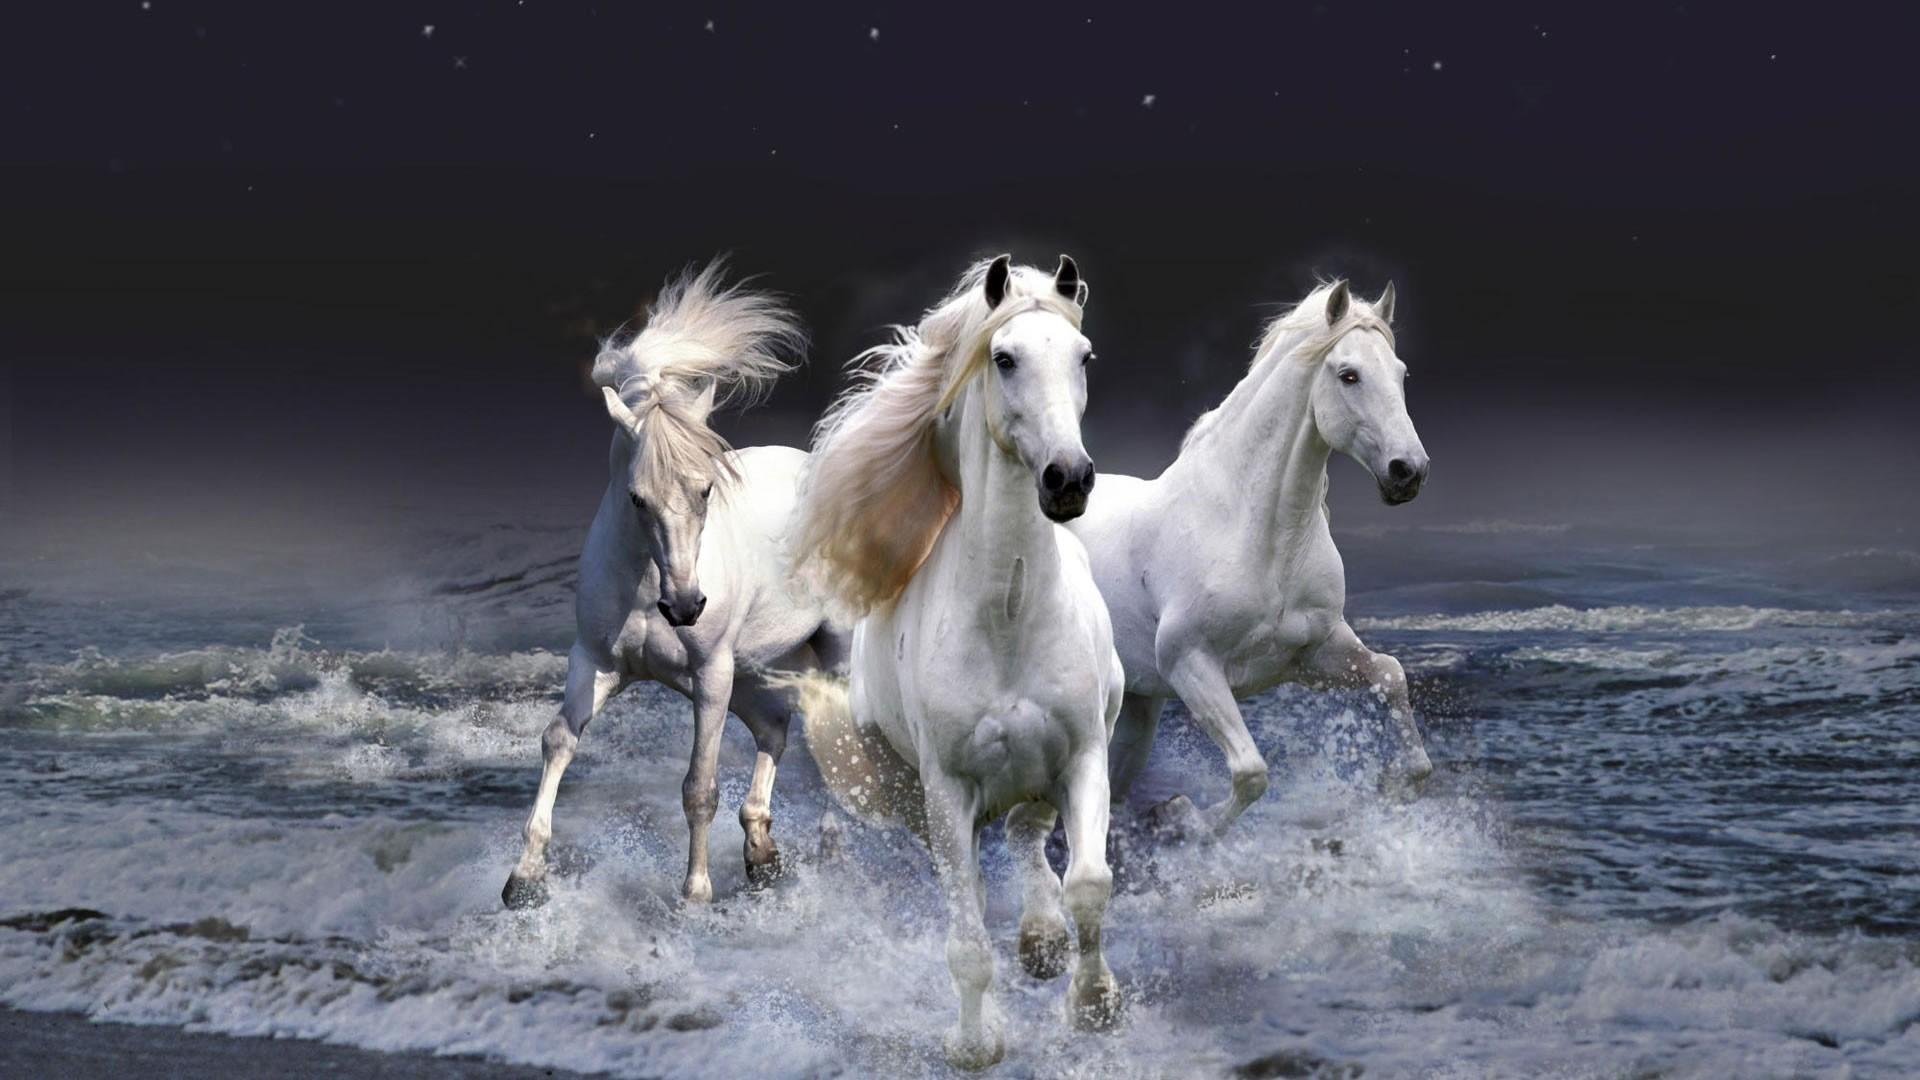 White Horse Wallpaper for pc